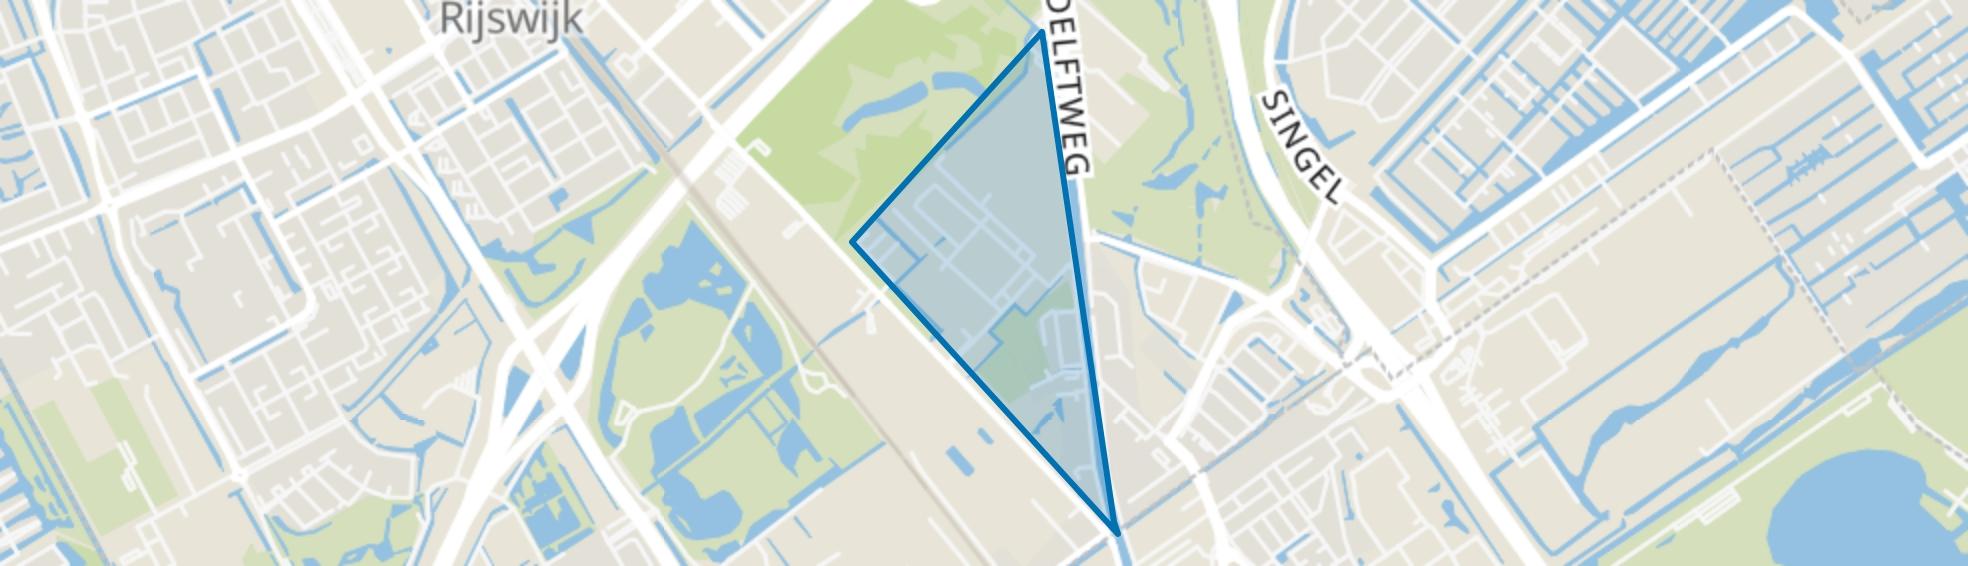 Pasgeld, Rijswijk (ZH) map